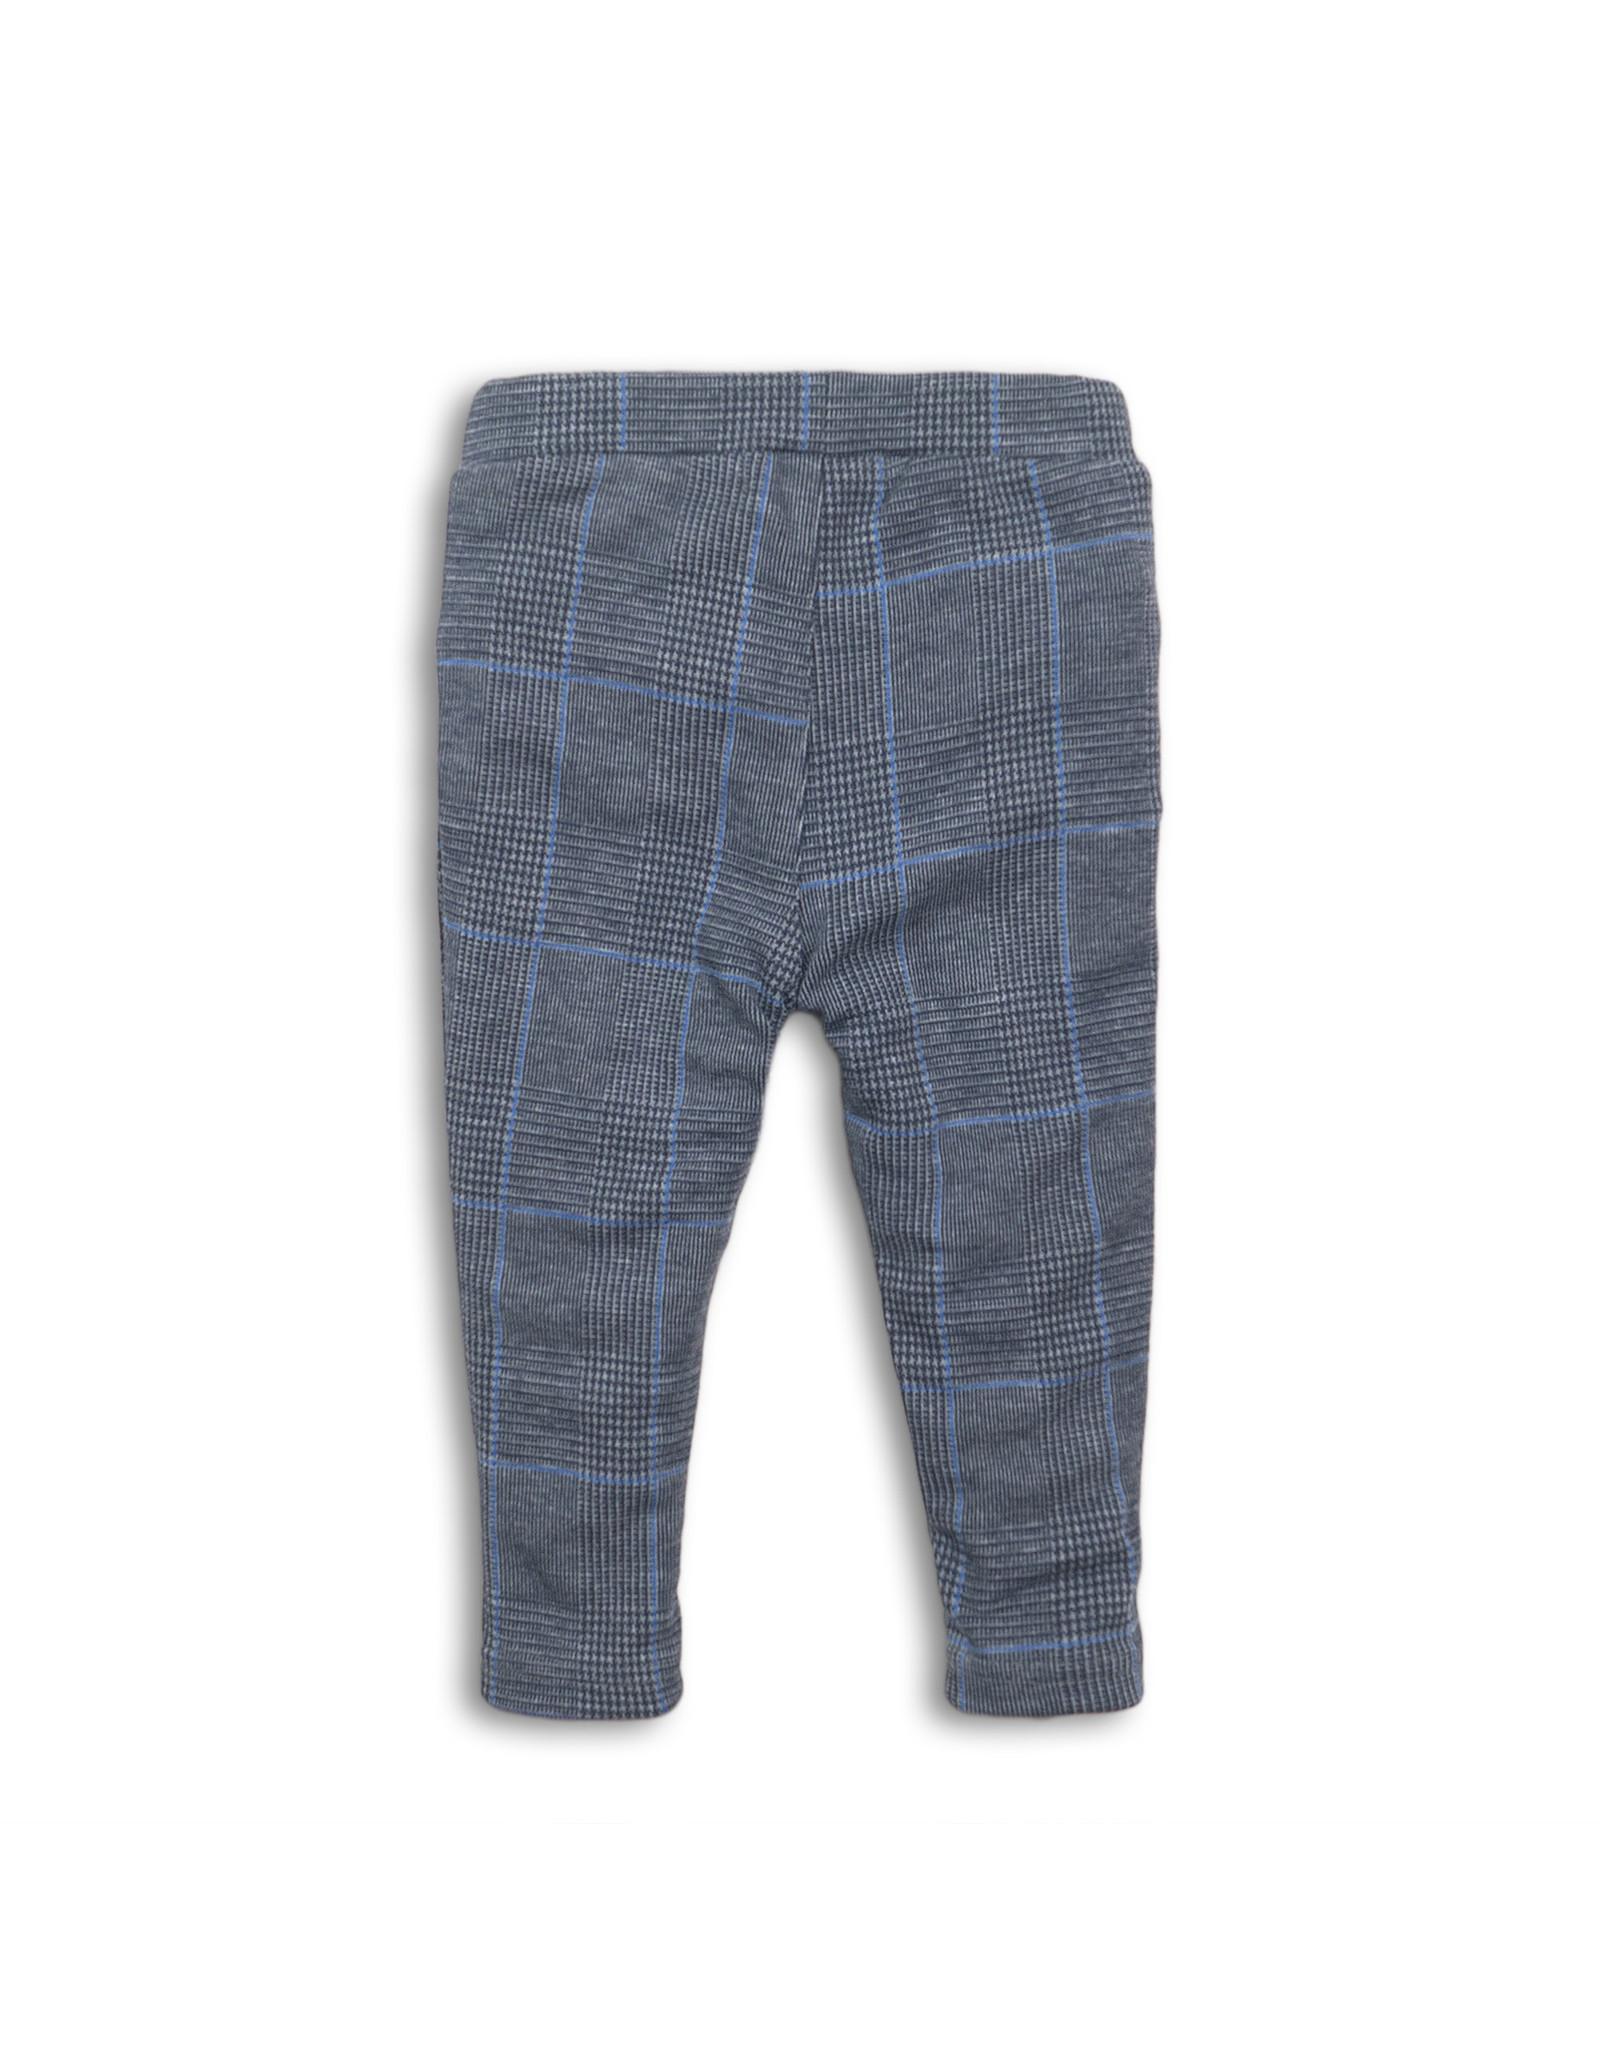 Koko Noko Koko Noko meisjes geruite broek Blue Check